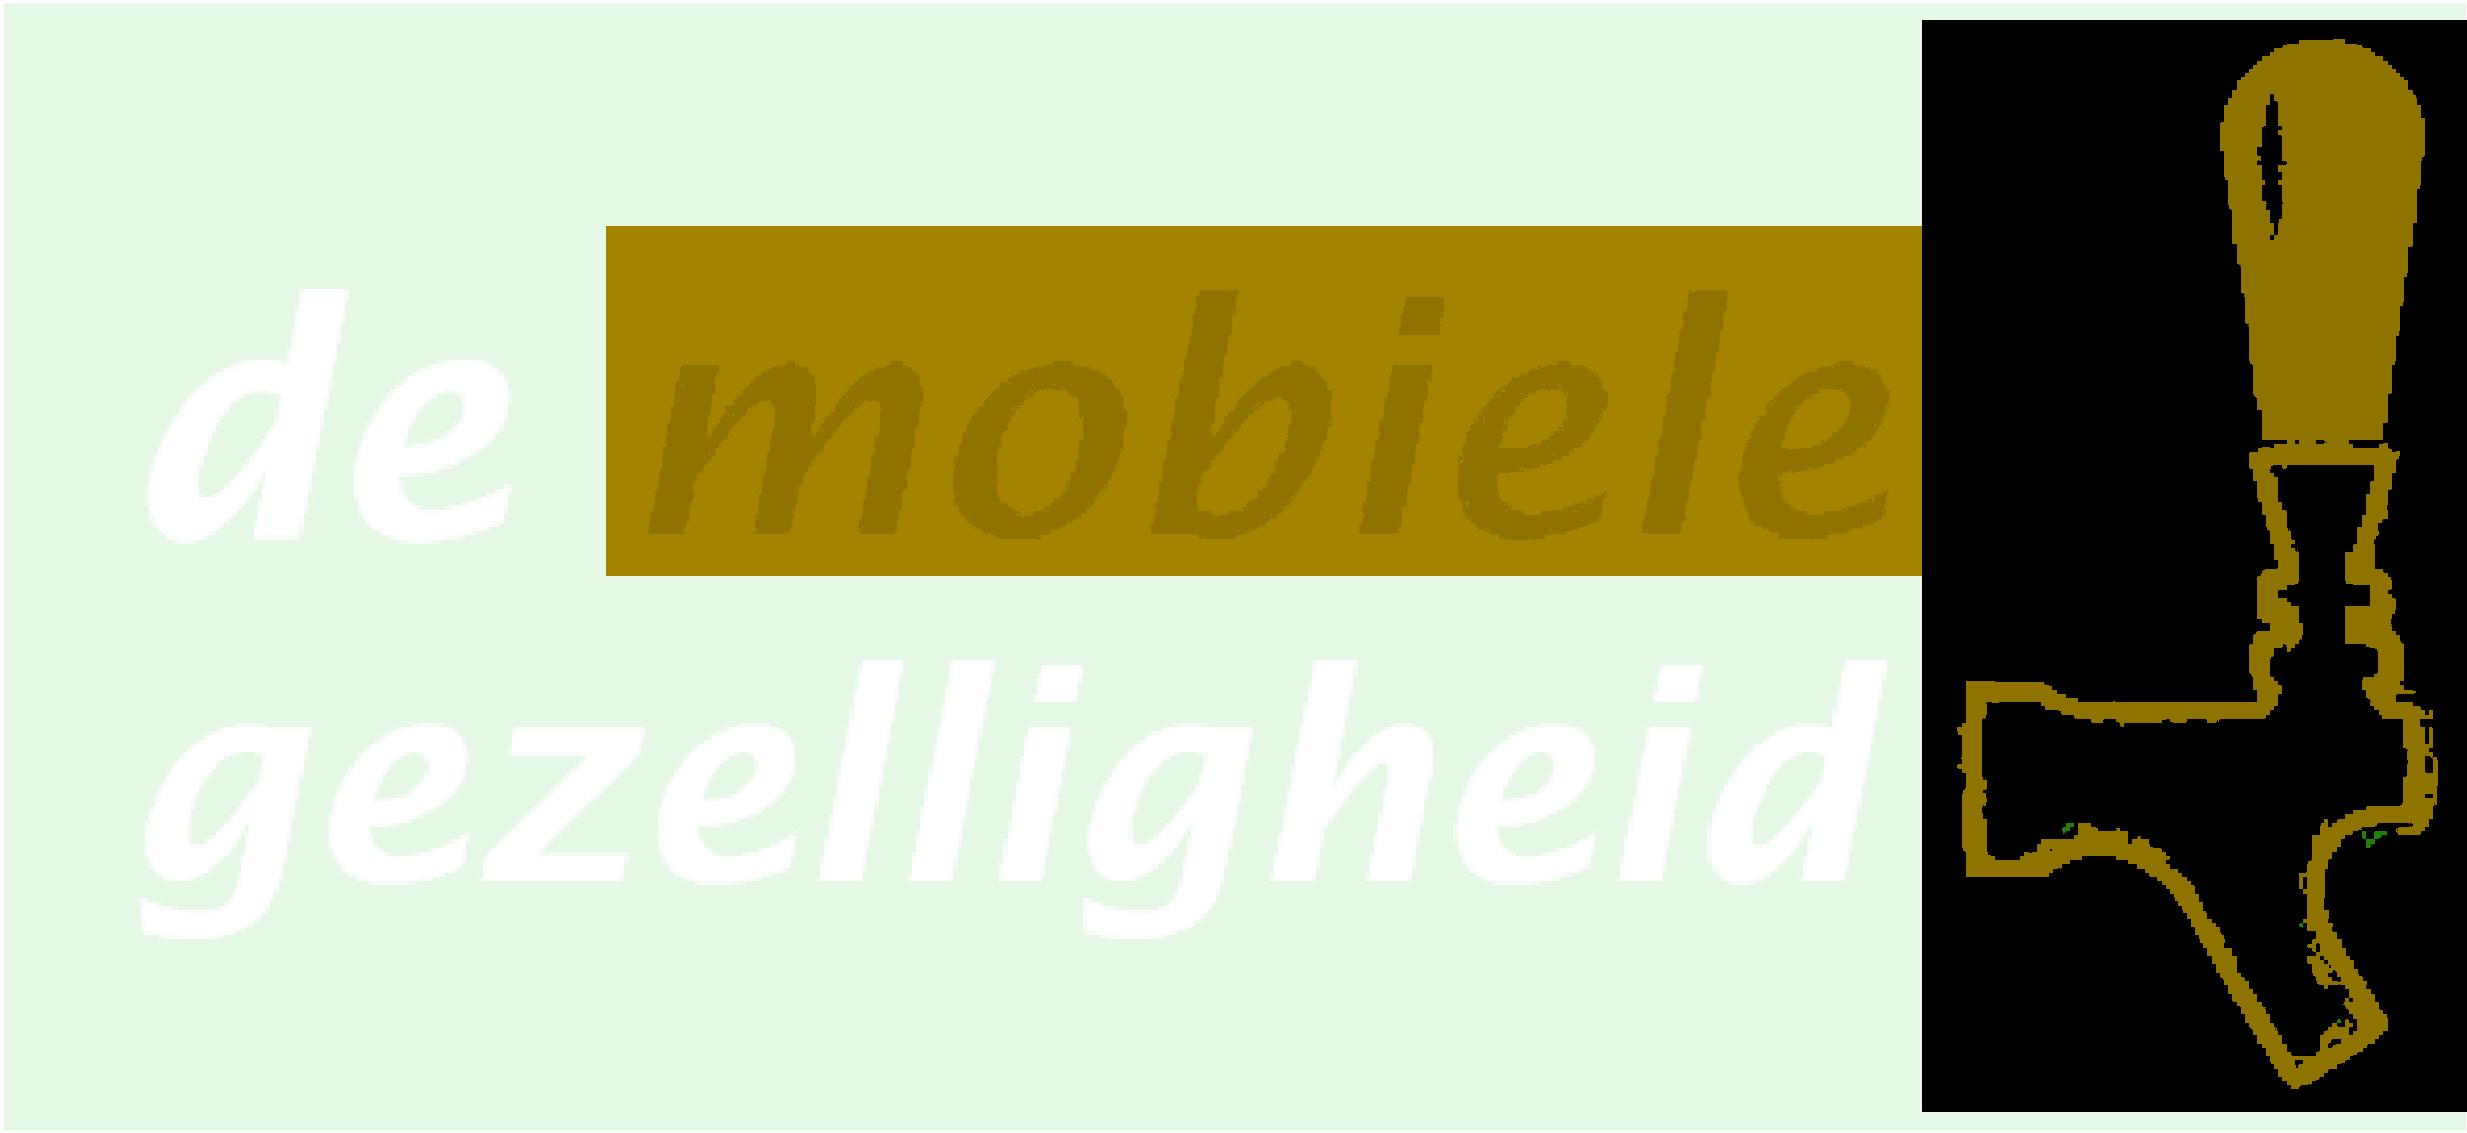 De mobiele gezelligheid